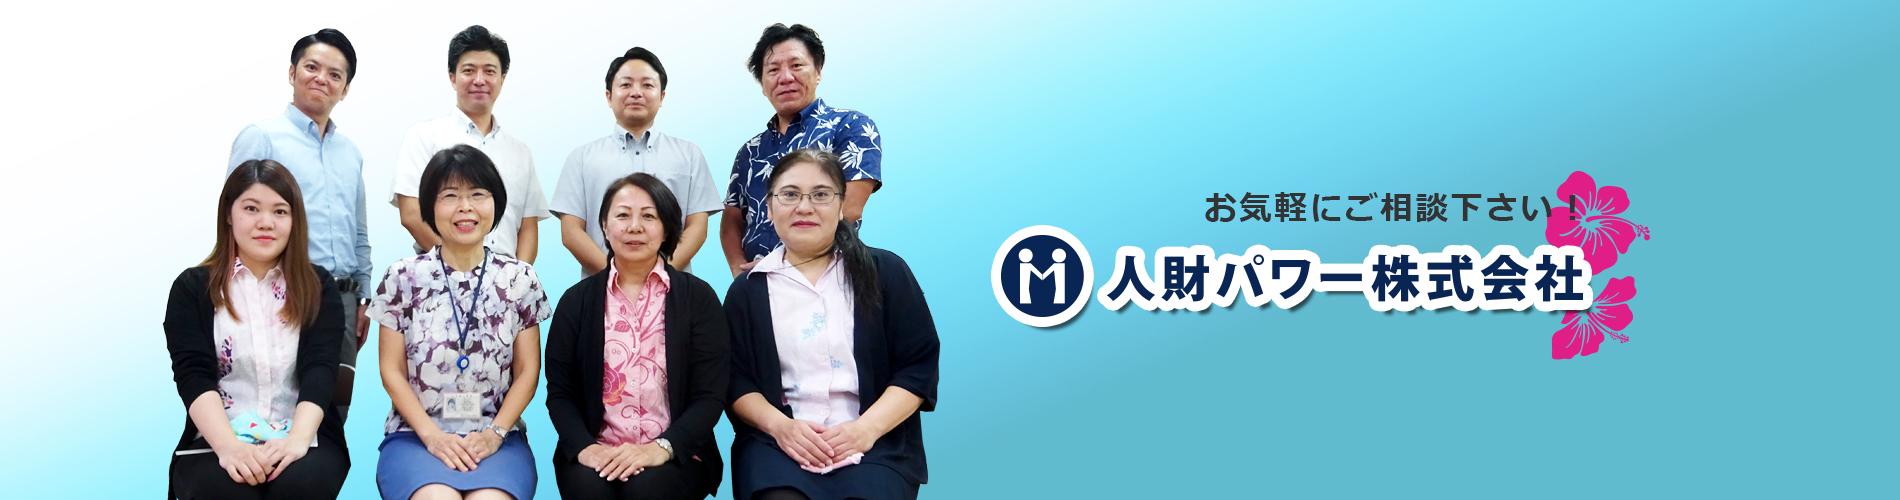 沖縄の人材派遣・人材紹介、仕事情報なら人財パワー